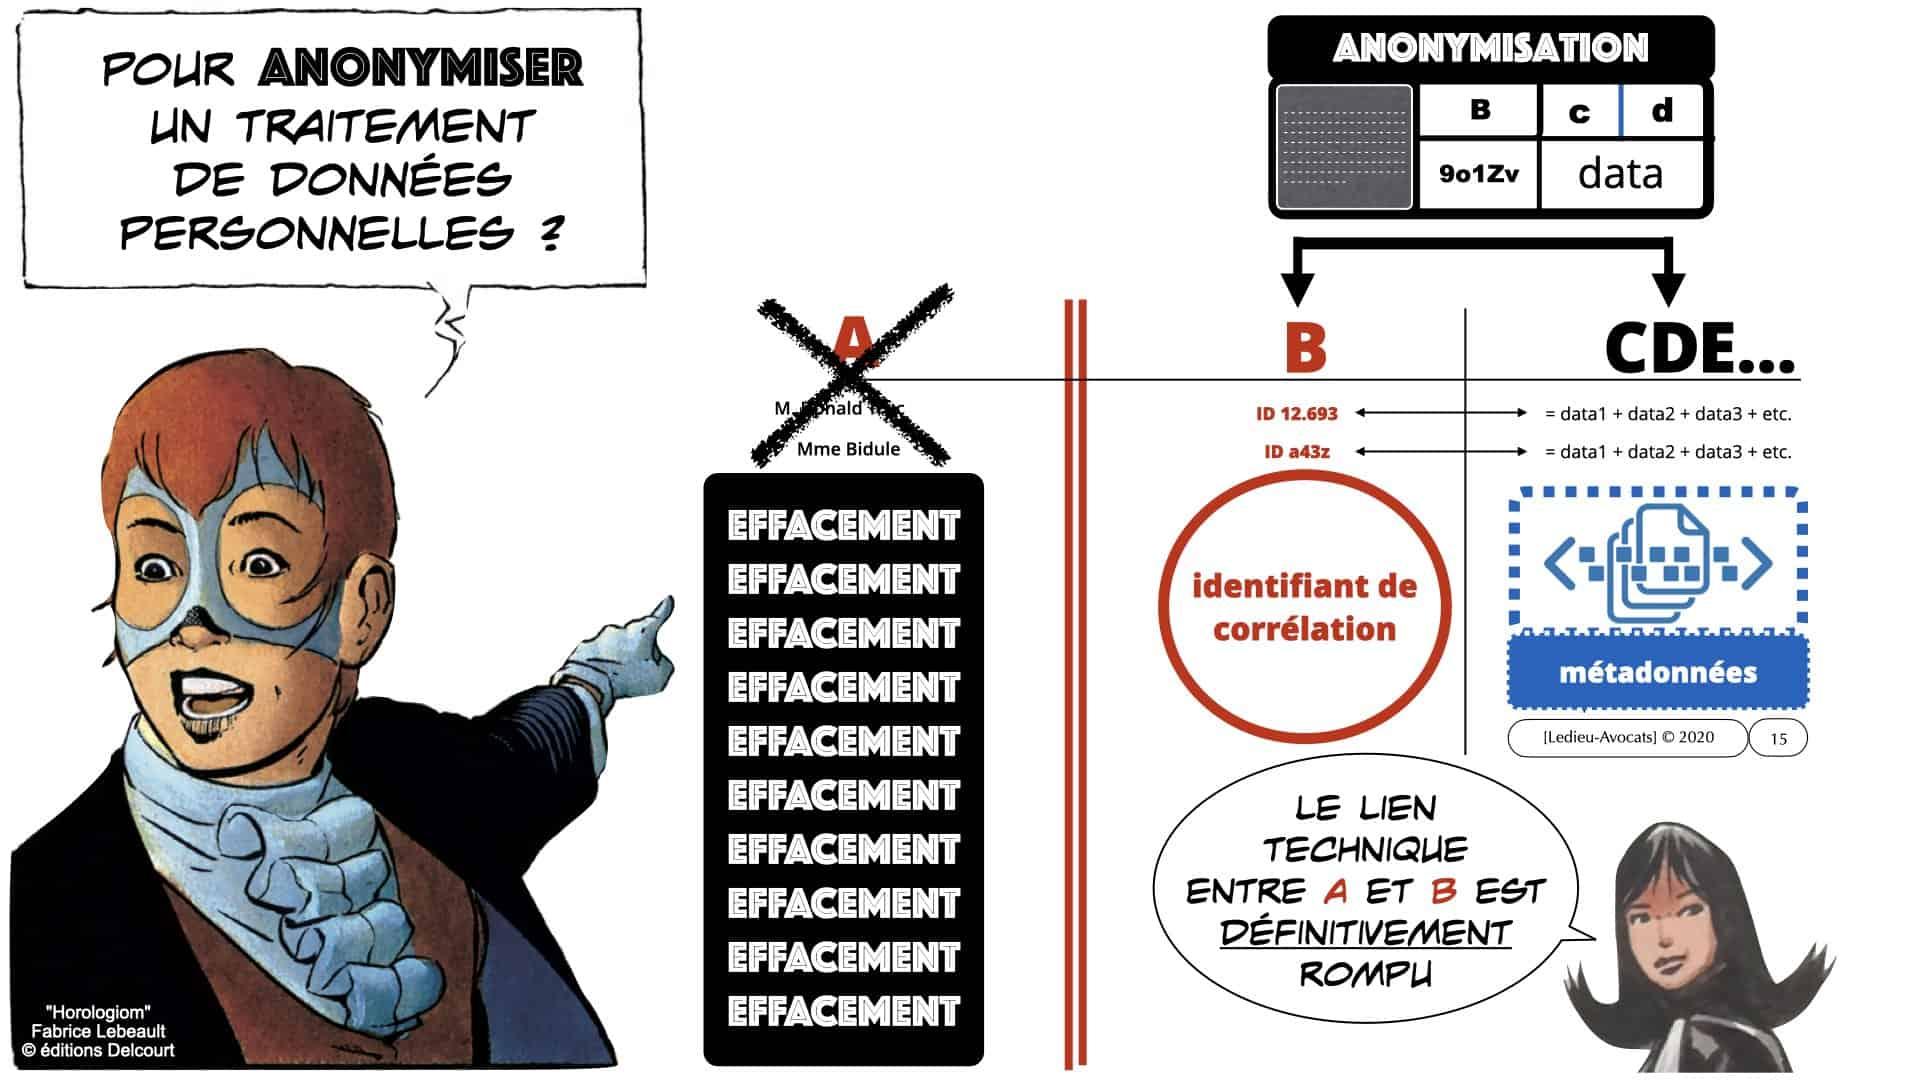 pseudonymisation données ACTUAIRES *16:9* © Ledieu-Avocats 06-11-2020.015